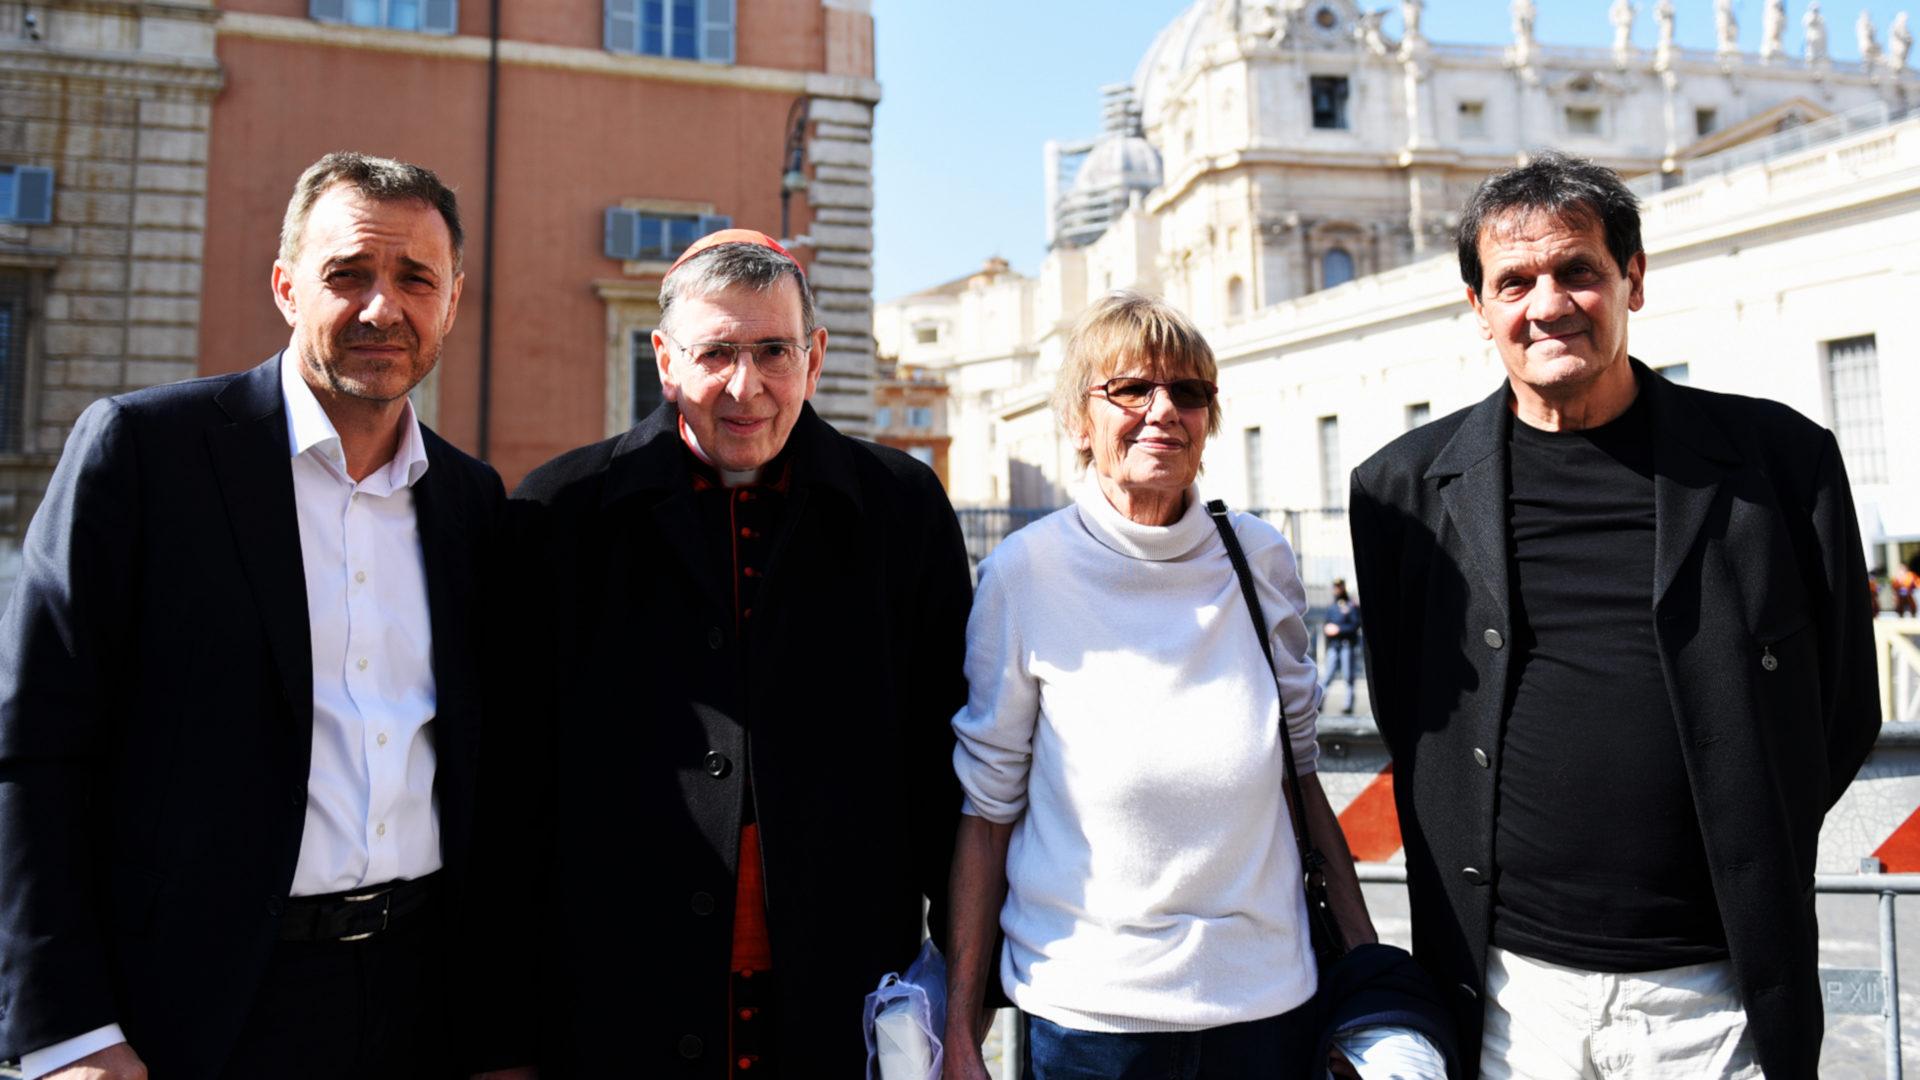 Die Schweizer Delegation zusammen mit Kardinal Kurt Koch (2.v.l.) | © Marco Bonomo